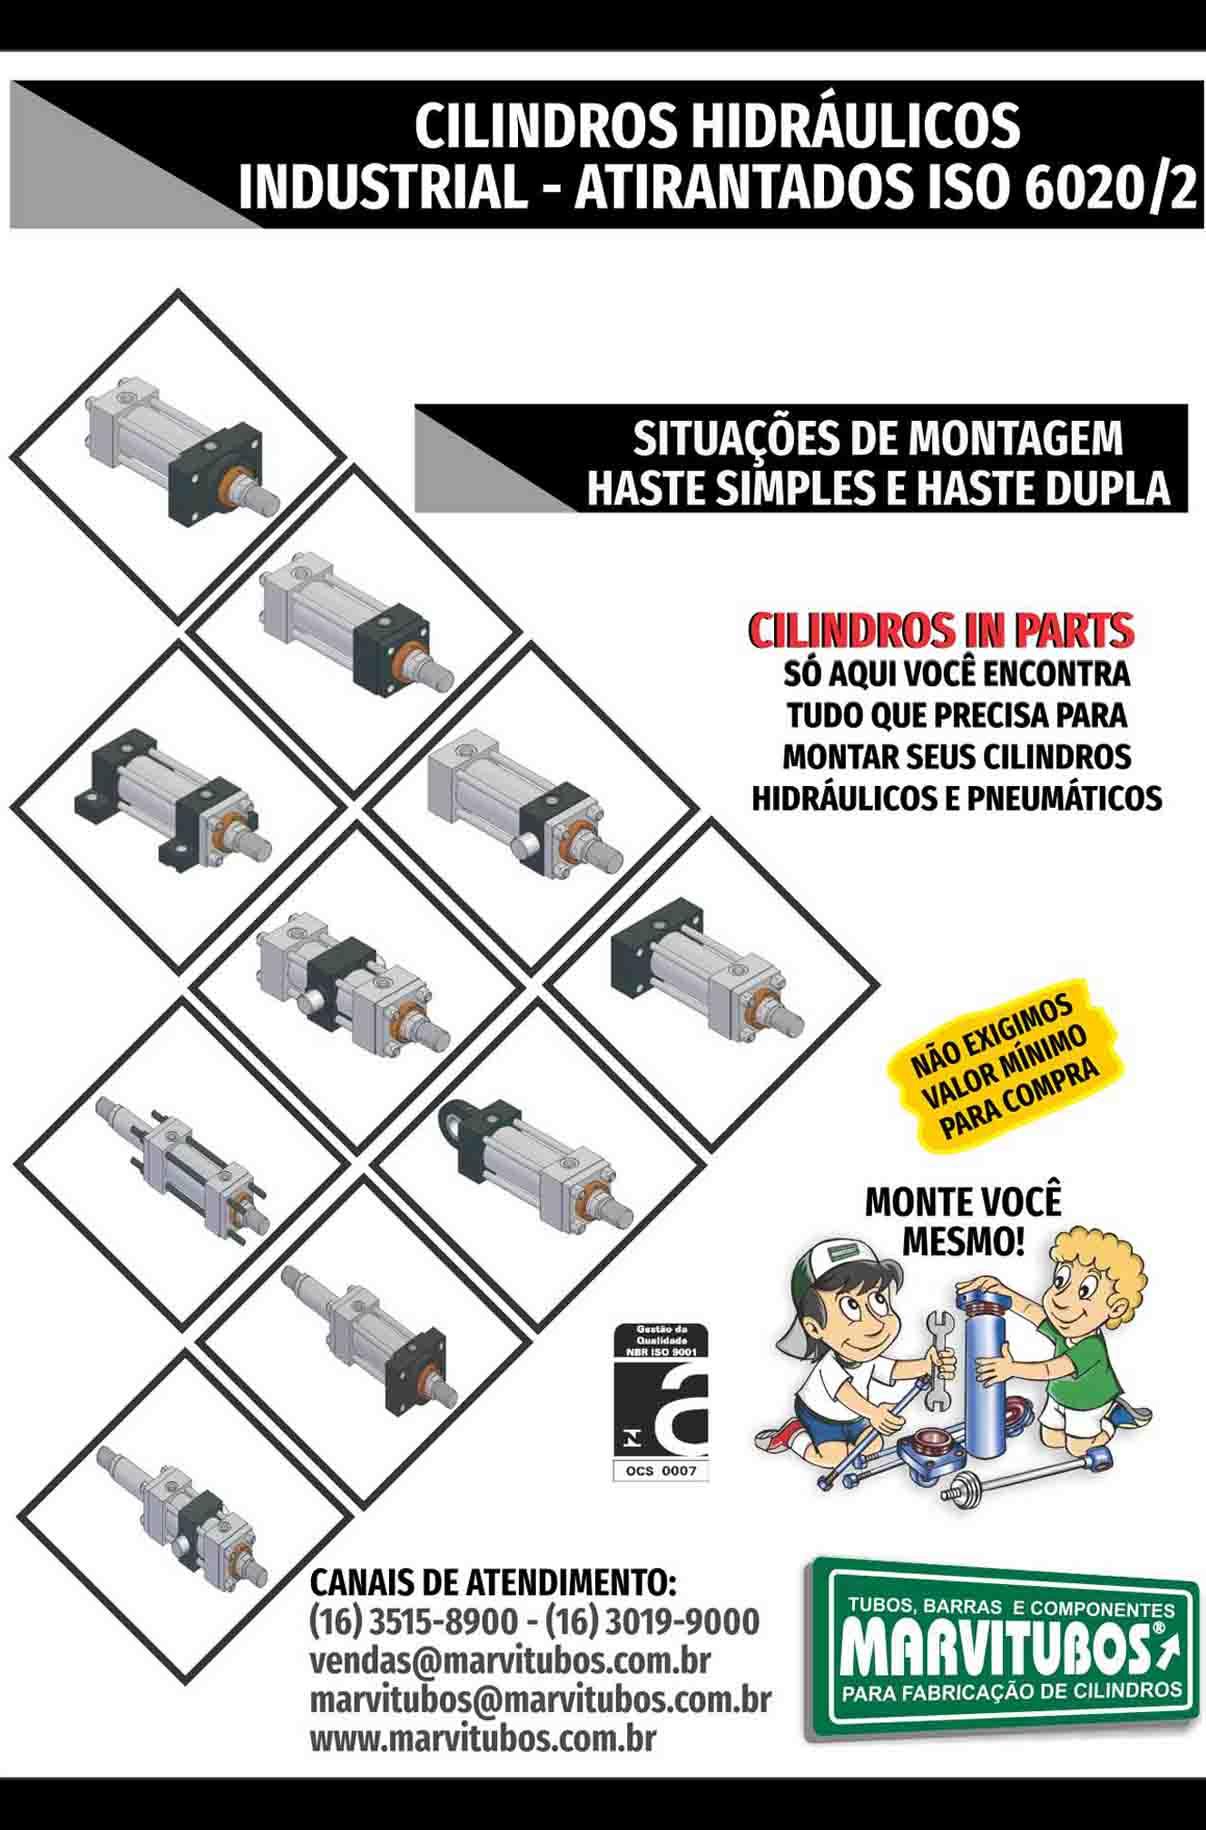 SITUAÇÕES DE MONTAGEM CILINDRO HIDRÁULICO INDUSTRIAL ATIRANTADO